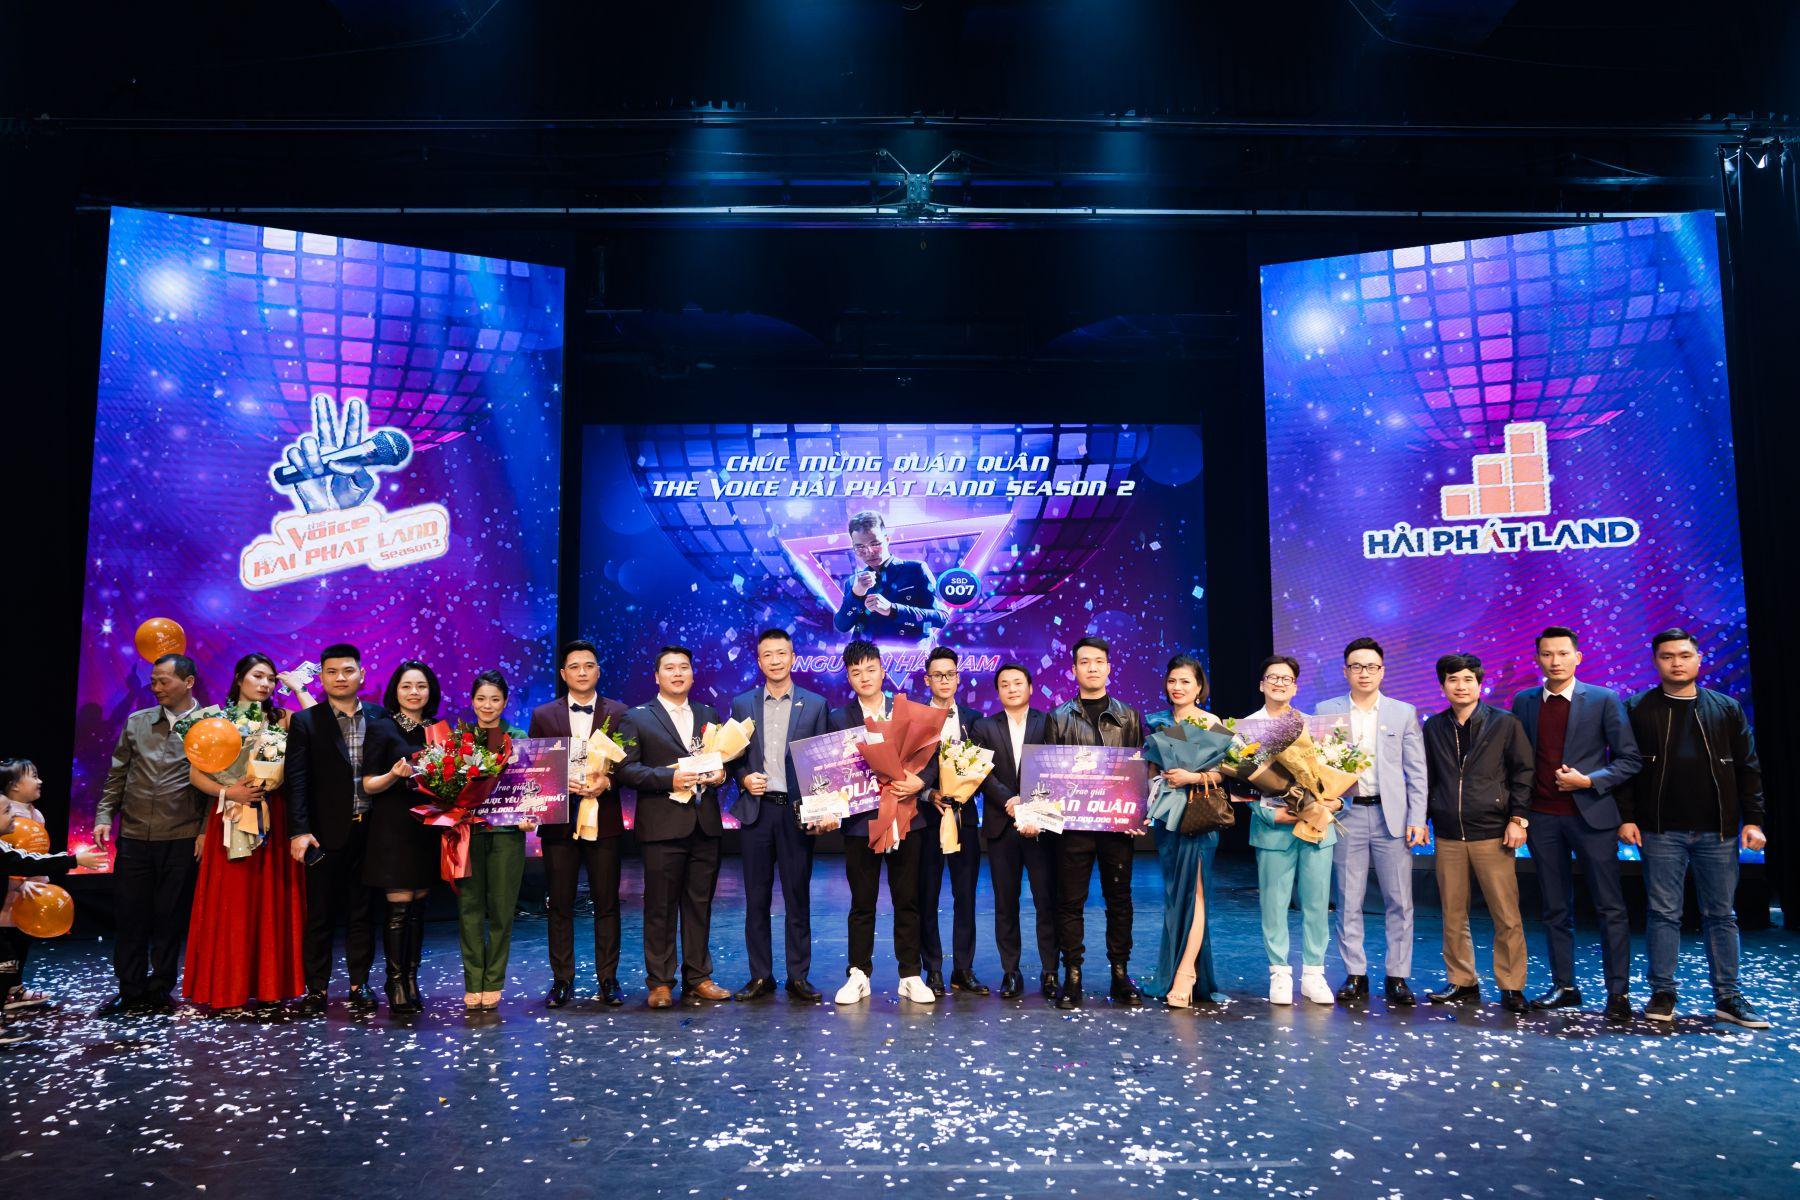 Chung kết The Voice Hai Phat Land Season 2: Cú lội ngược dòng ngoạn mục từ 'chiếc vé may mắn' của Quán quân